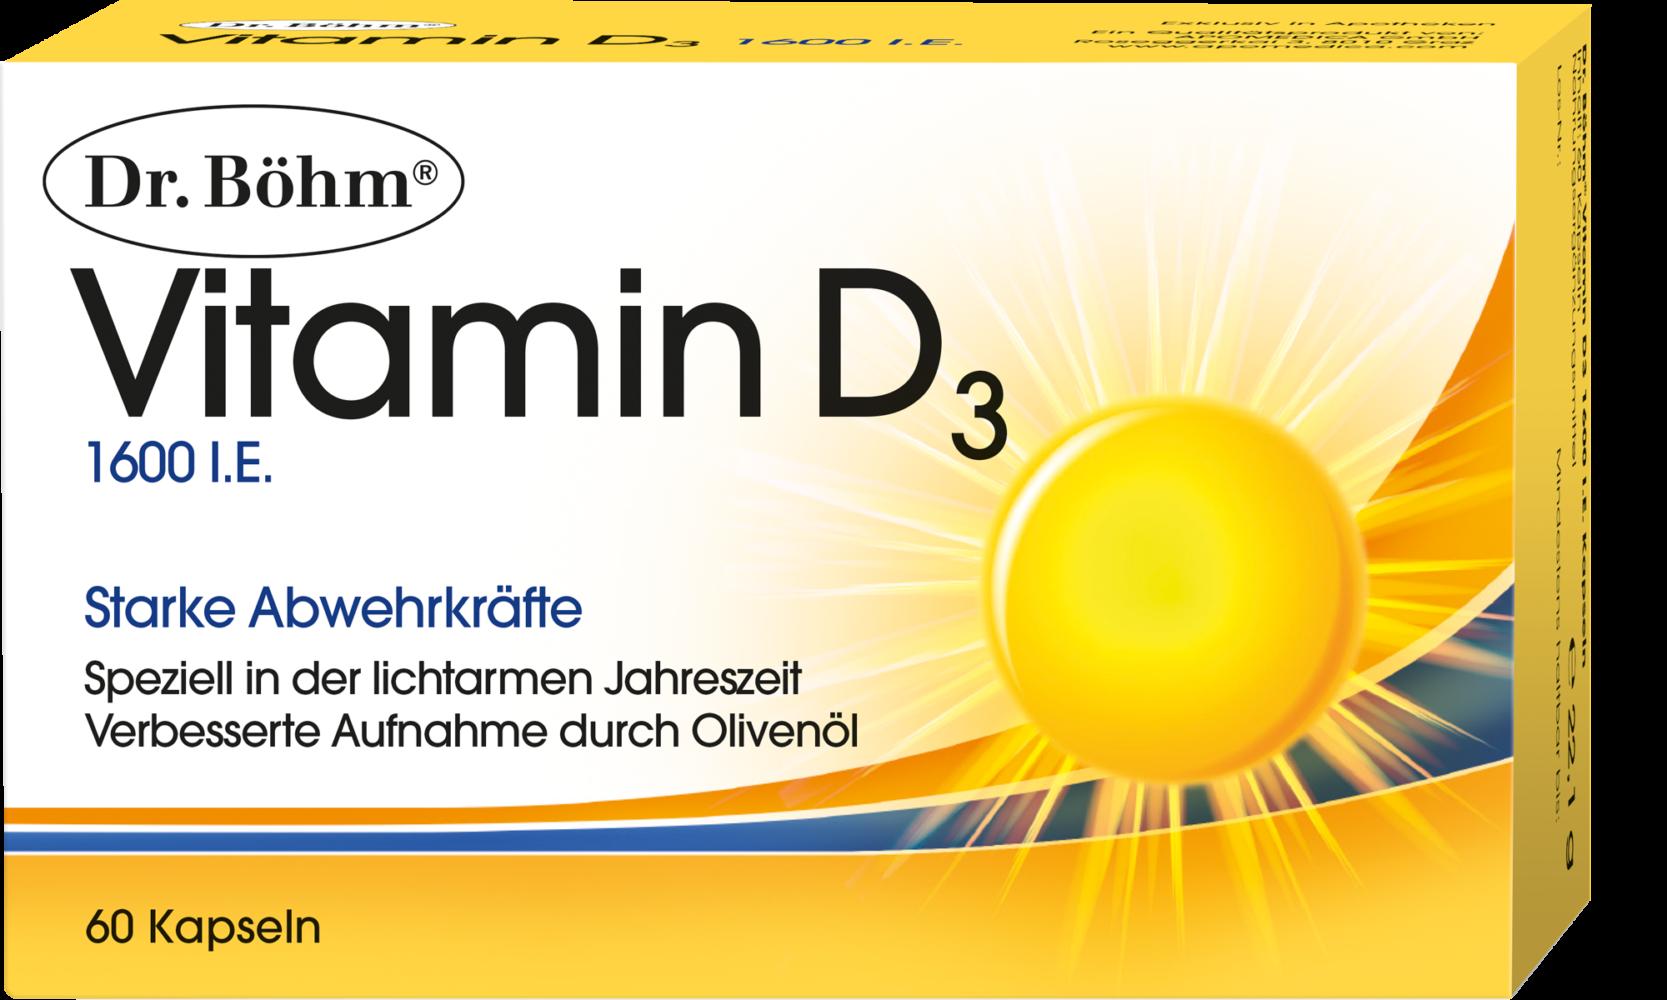 Dr. Böhm® Vitamin D3 1600 I.E. Kapseln